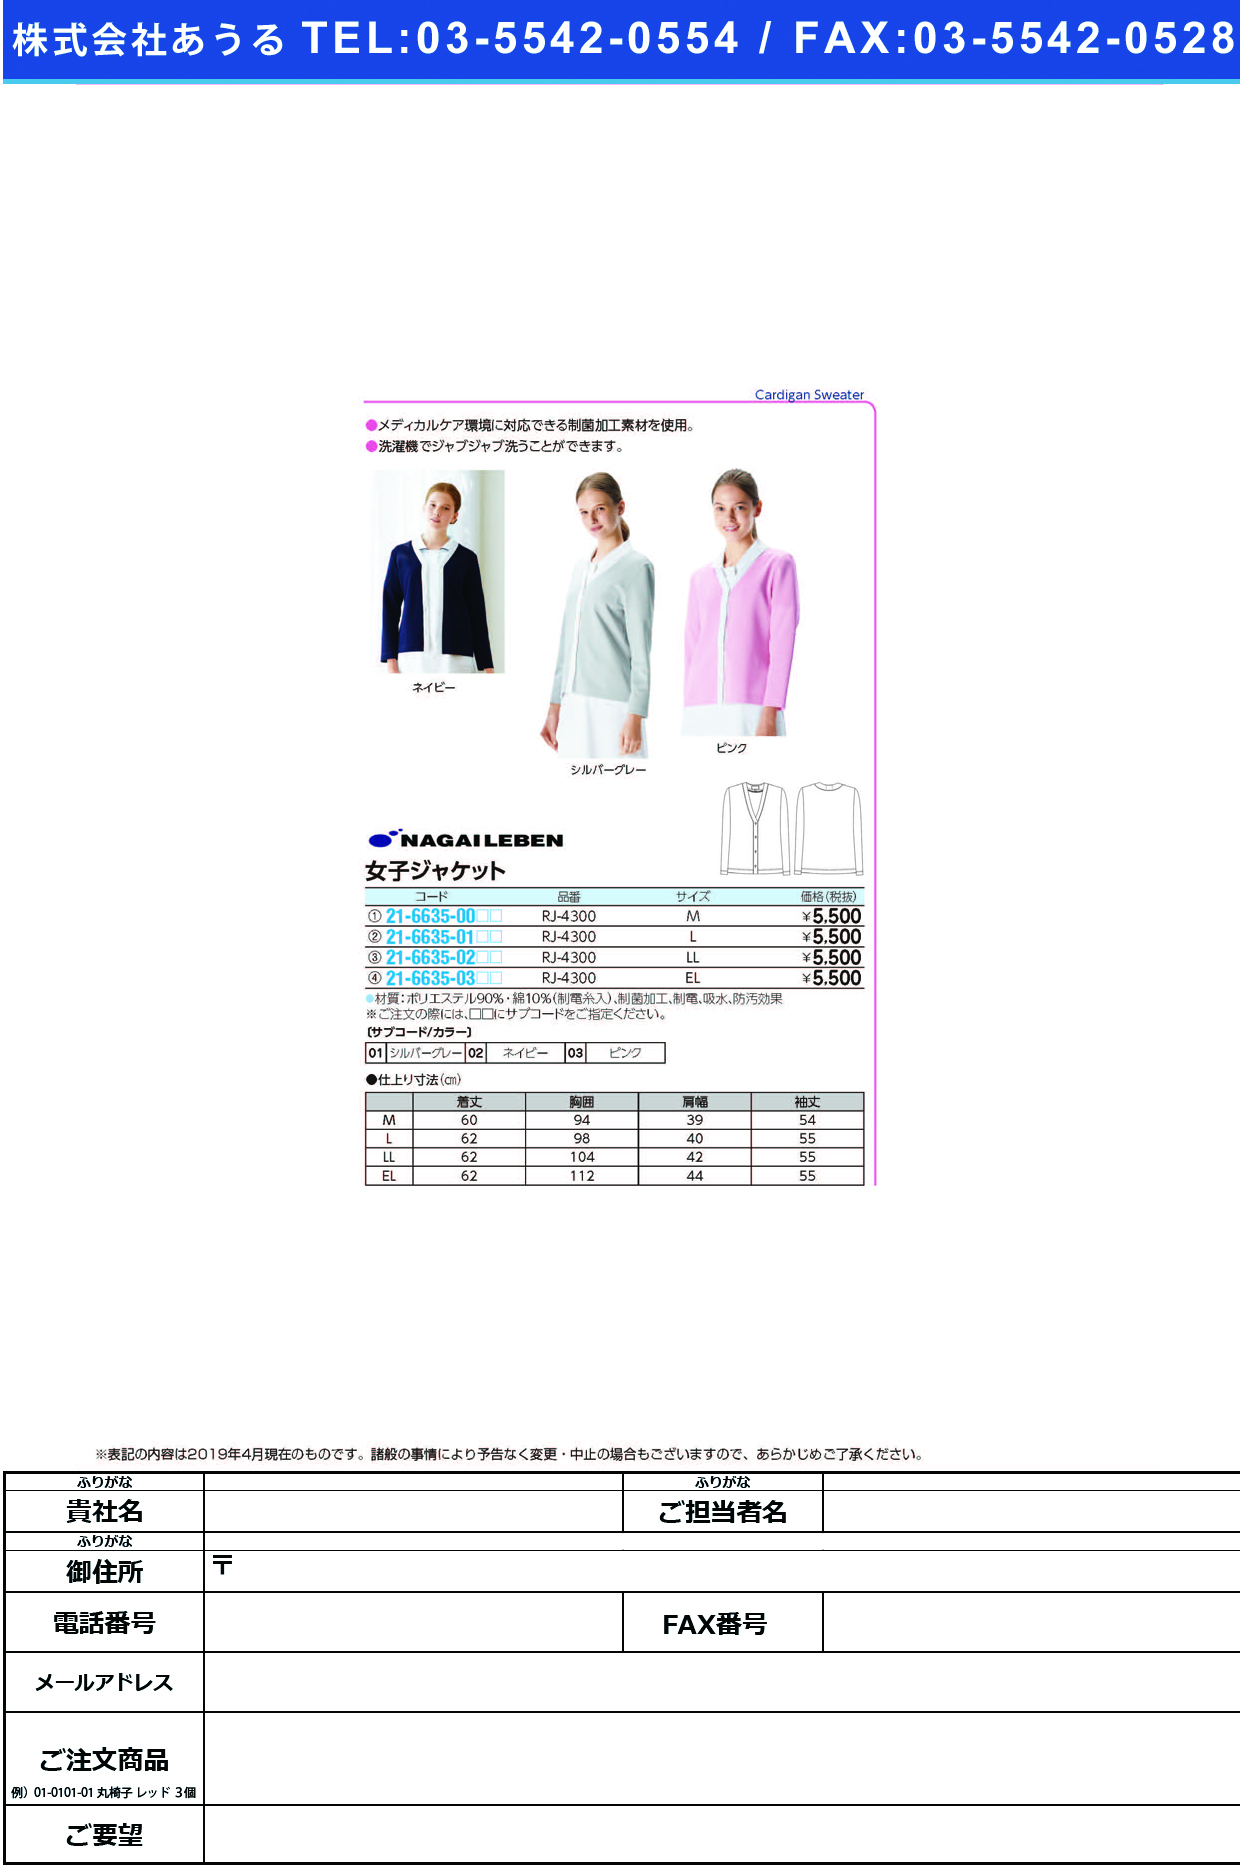 (21-6635-01)ジャケット RJ-4300(L) ジャケット シルバーグレー(ナガイレーベン)【1枚単位】【2019年カタログ商品】